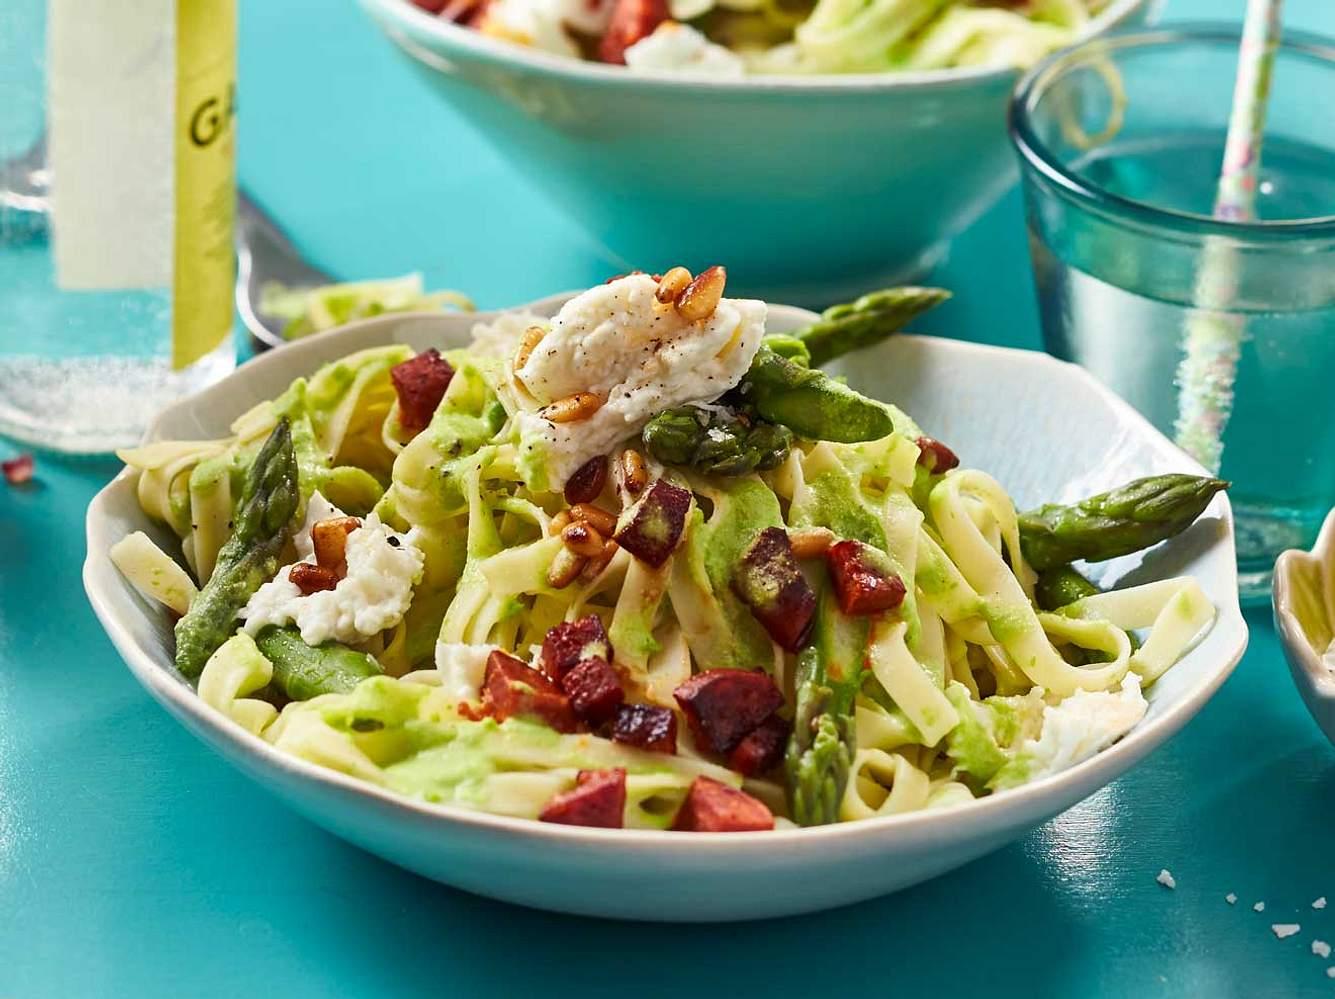 Unsere Frühlingspasta hat alles, was das Herz begehrt: Nudeln, Spargel und Mini-Brokkoli.